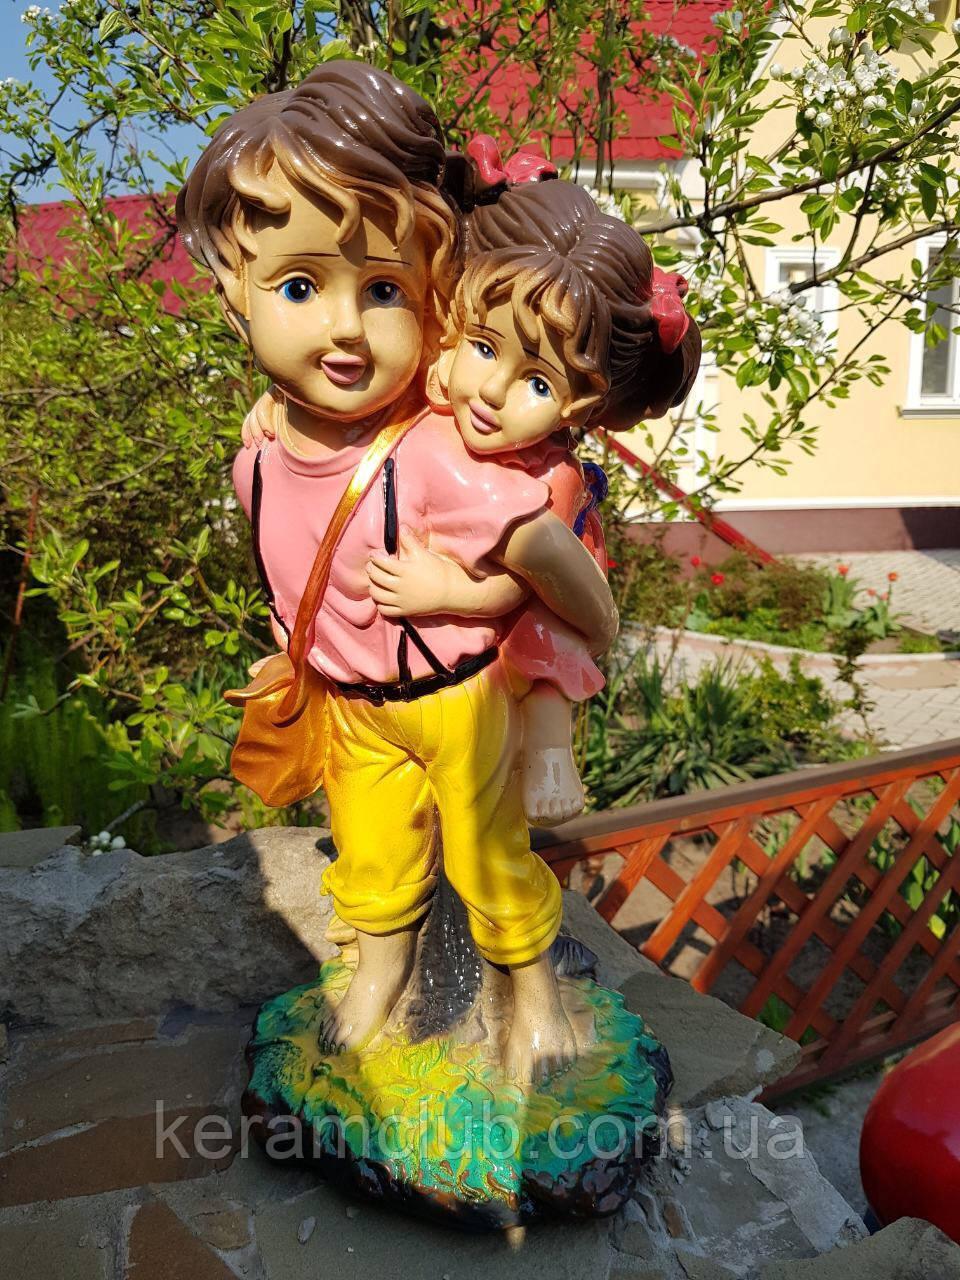 Садова фігура: хлопчик з дівчинкою